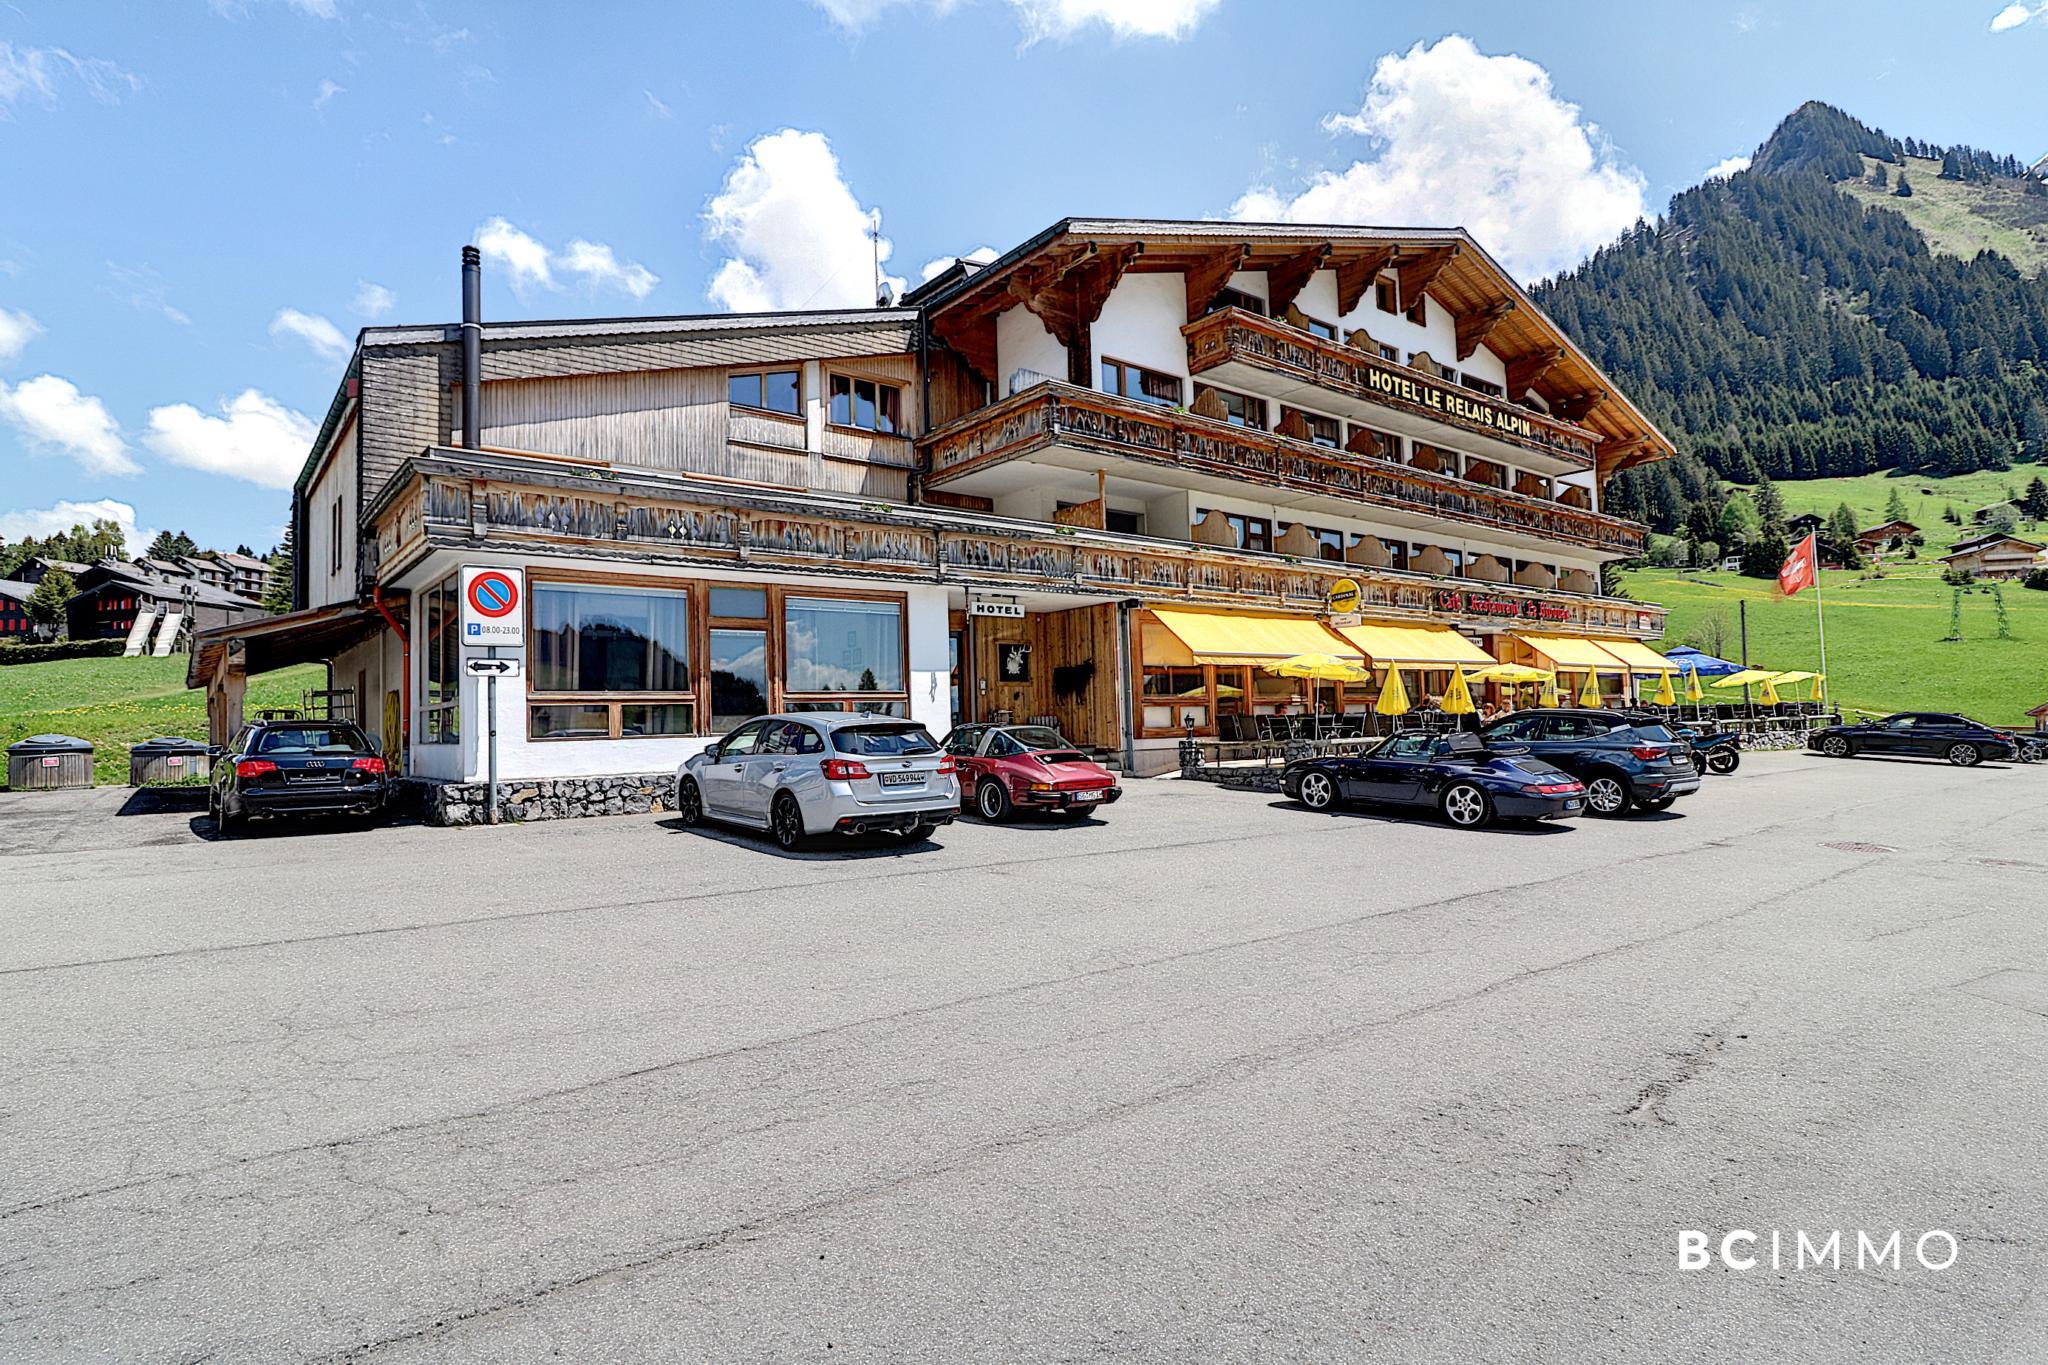 BC Immo - Société SA détentrice de 2 beaux hôtels au Col des Mosses (Vaud) à vendre - H-21-001A